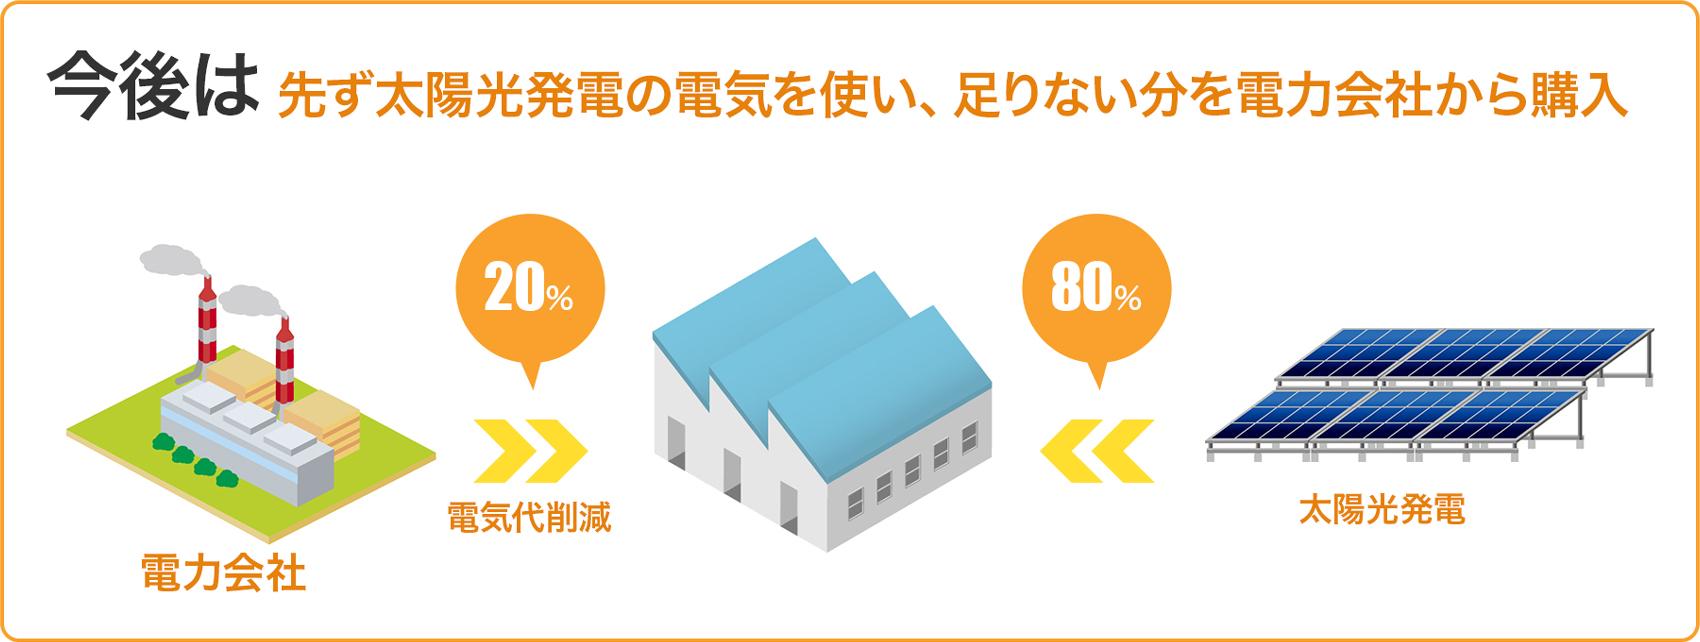 太陽光発電の電気を使い、足りない分を電力会社から購入